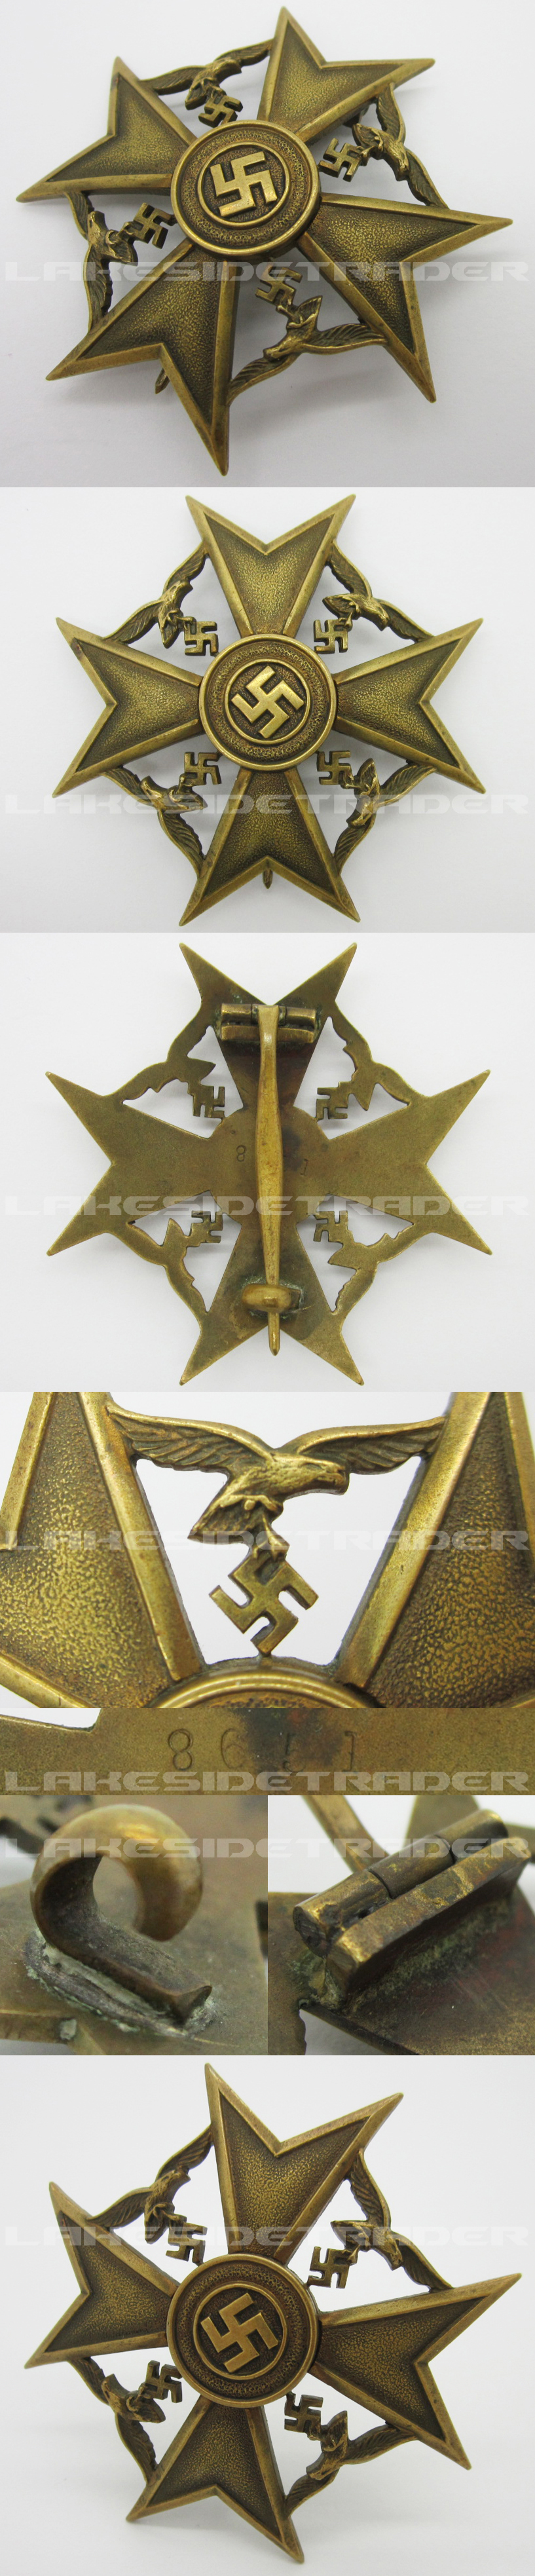 Numbered Bronze Spanish Cross